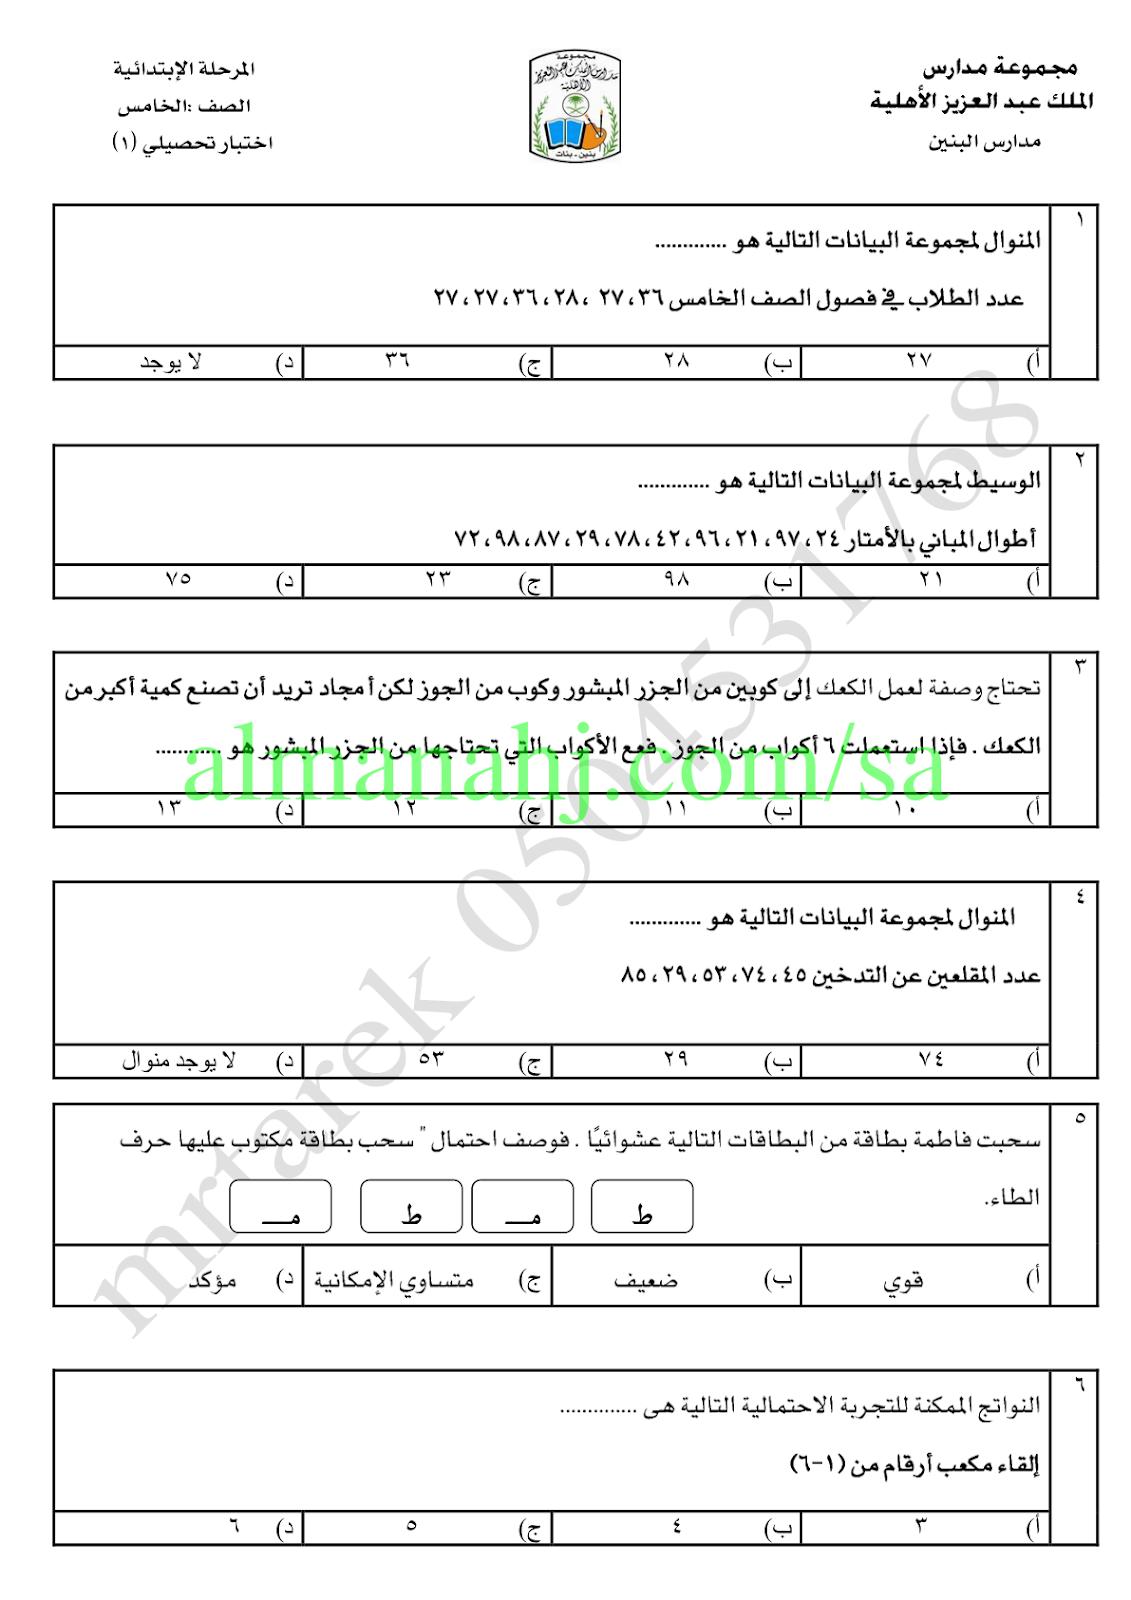 اختبار تحصيلي 1 رياضيات الصف الخامس رياضيات الفصل الثاني المناهج السعودية